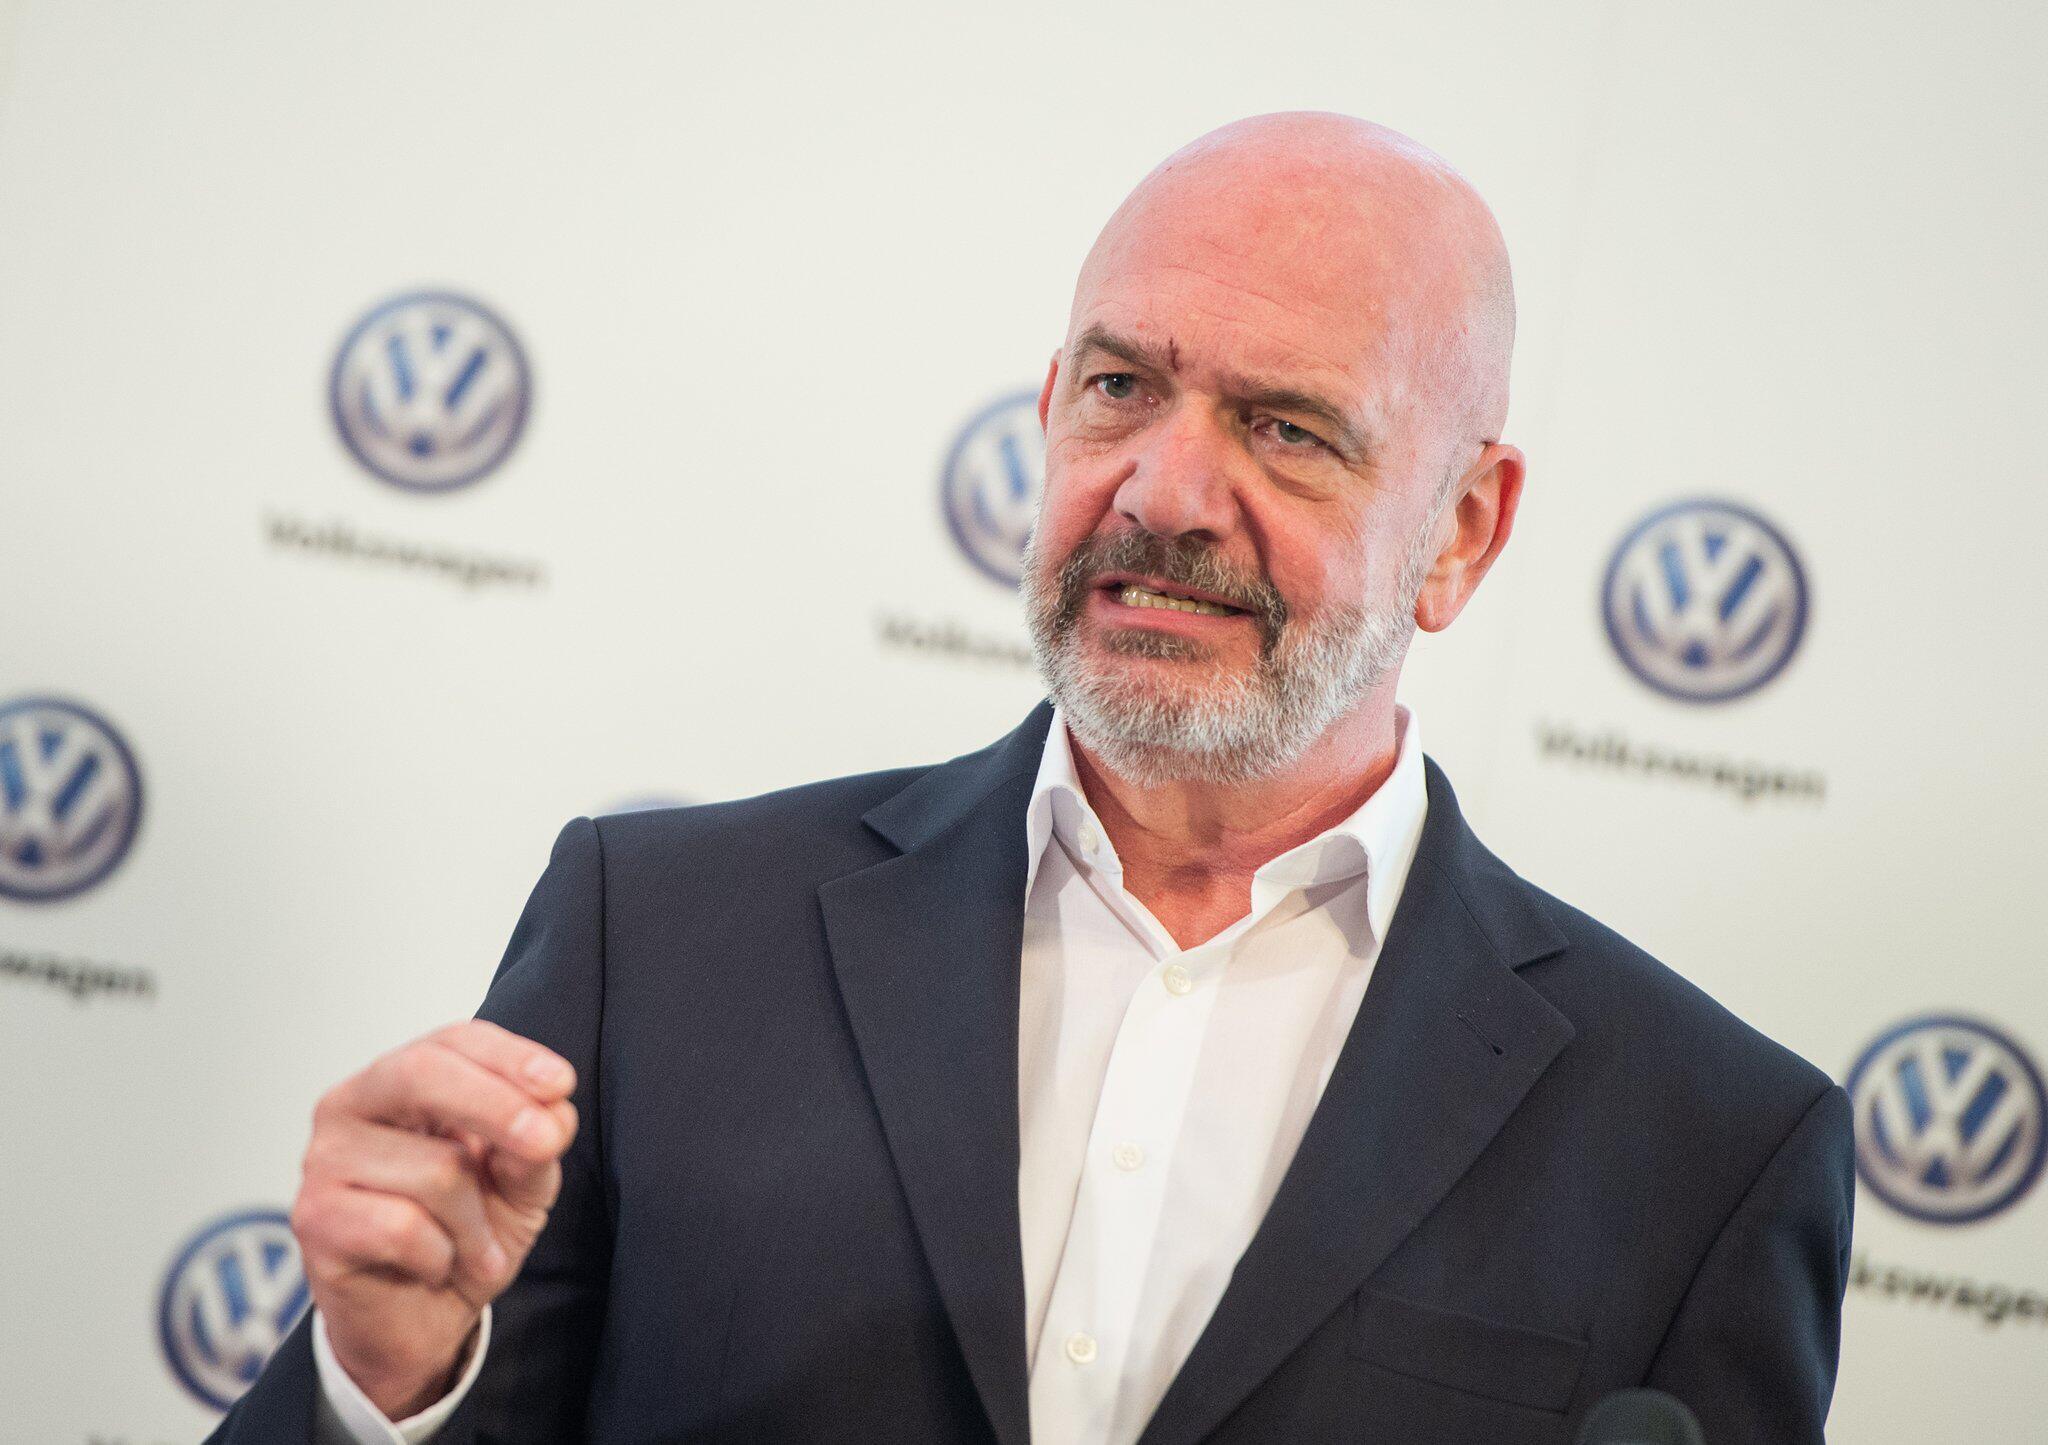 Bild zu Pressekonferenz Volkswagen